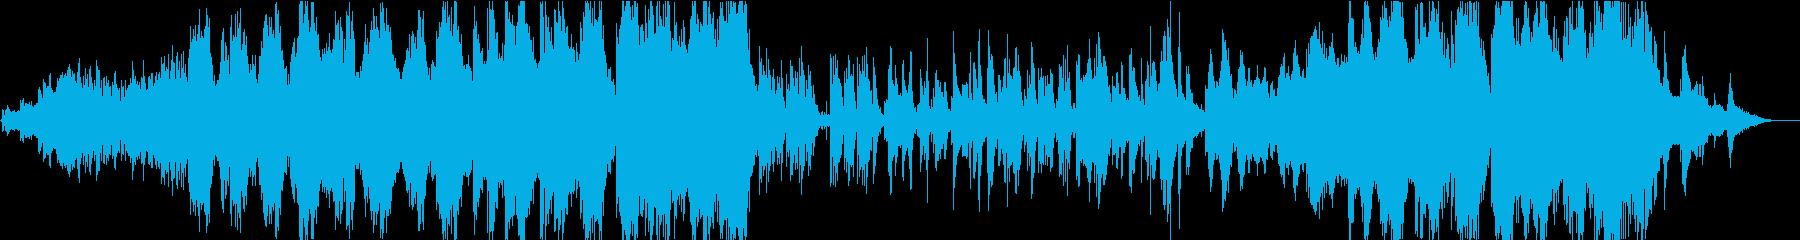 二胡が印象的な水風景を感じる楽曲の再生済みの波形